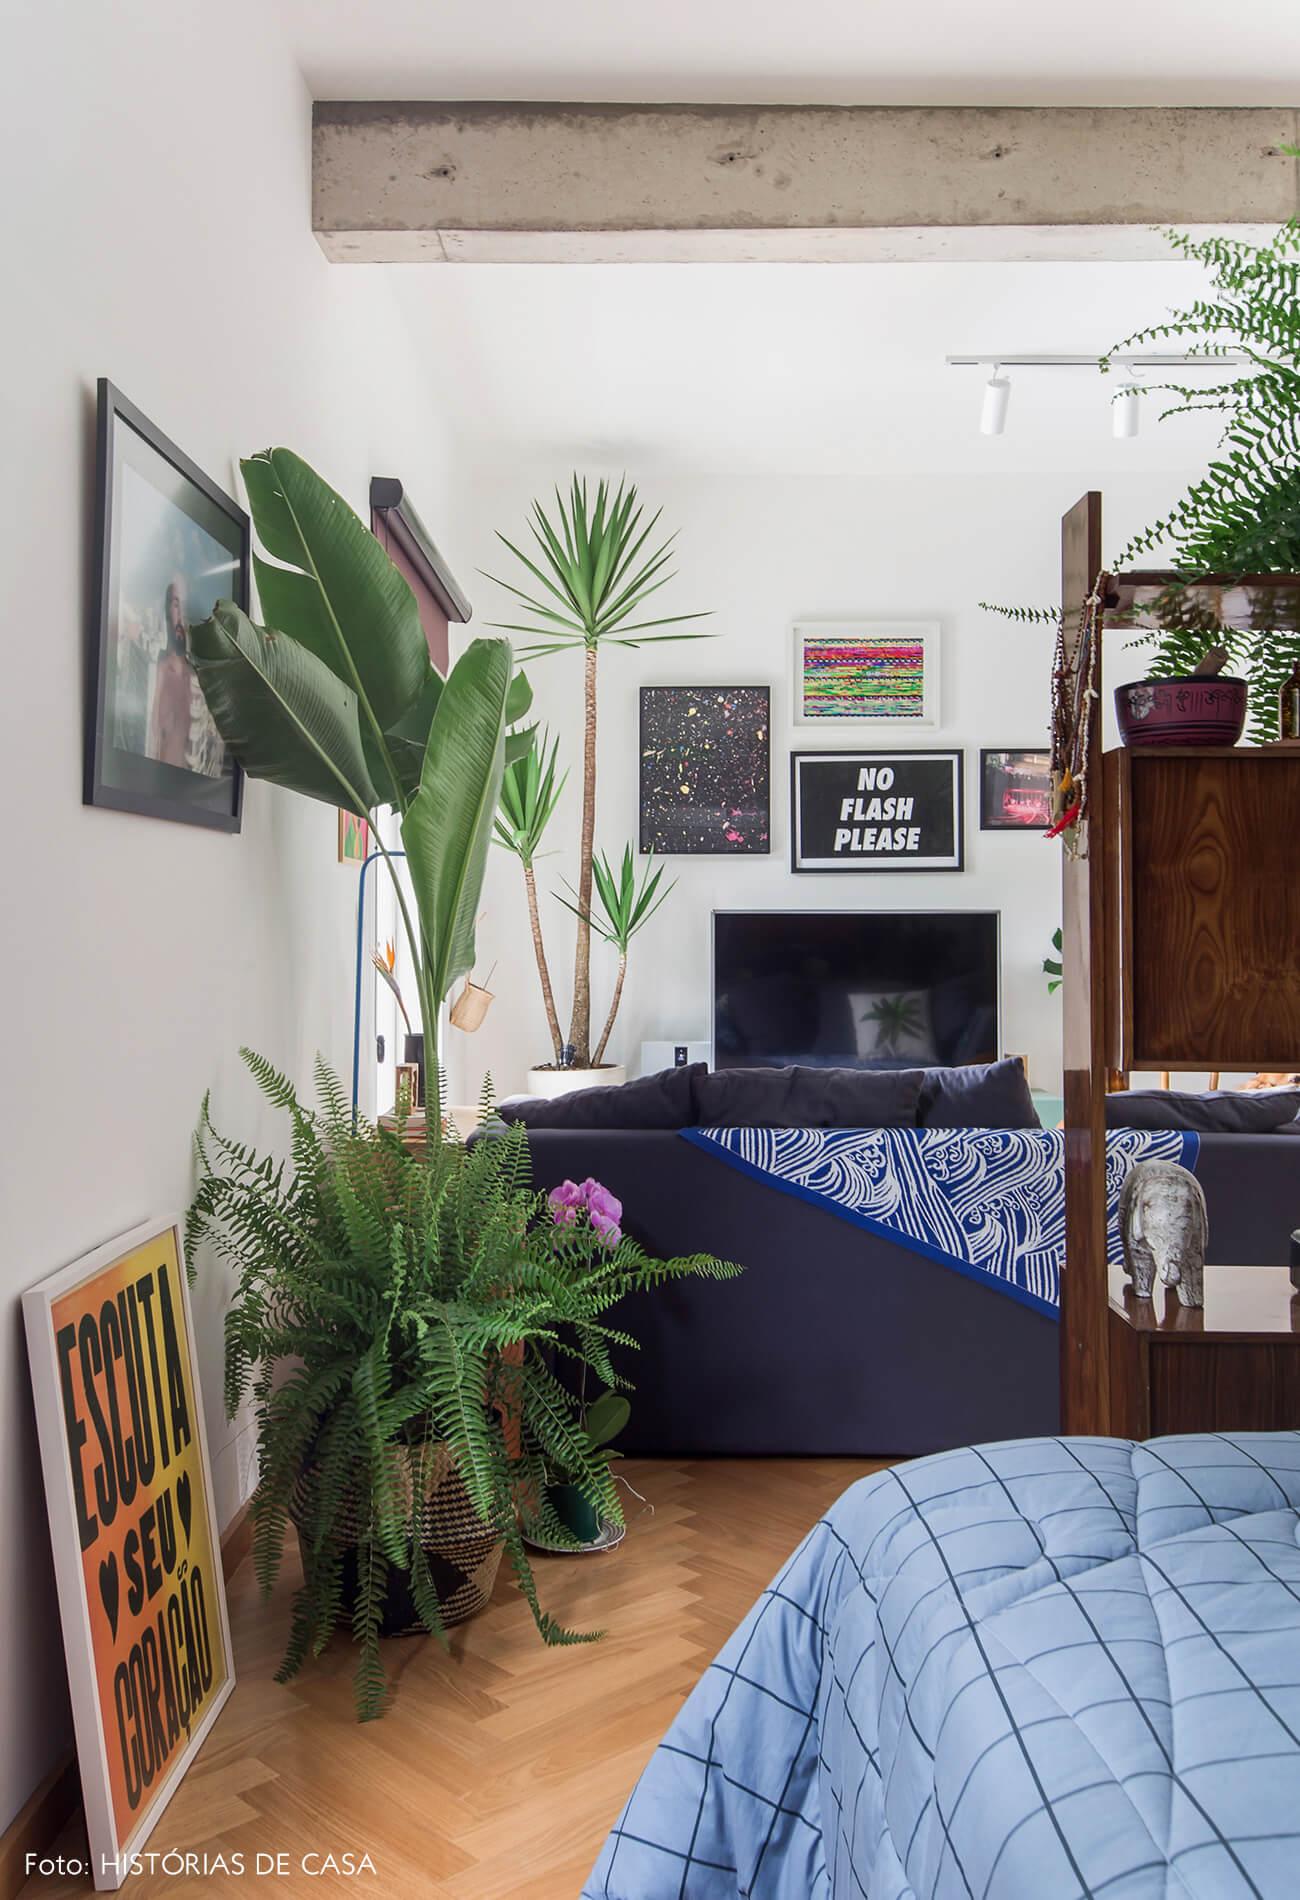 Apartamento integrado com estante vintage servindo como divisória